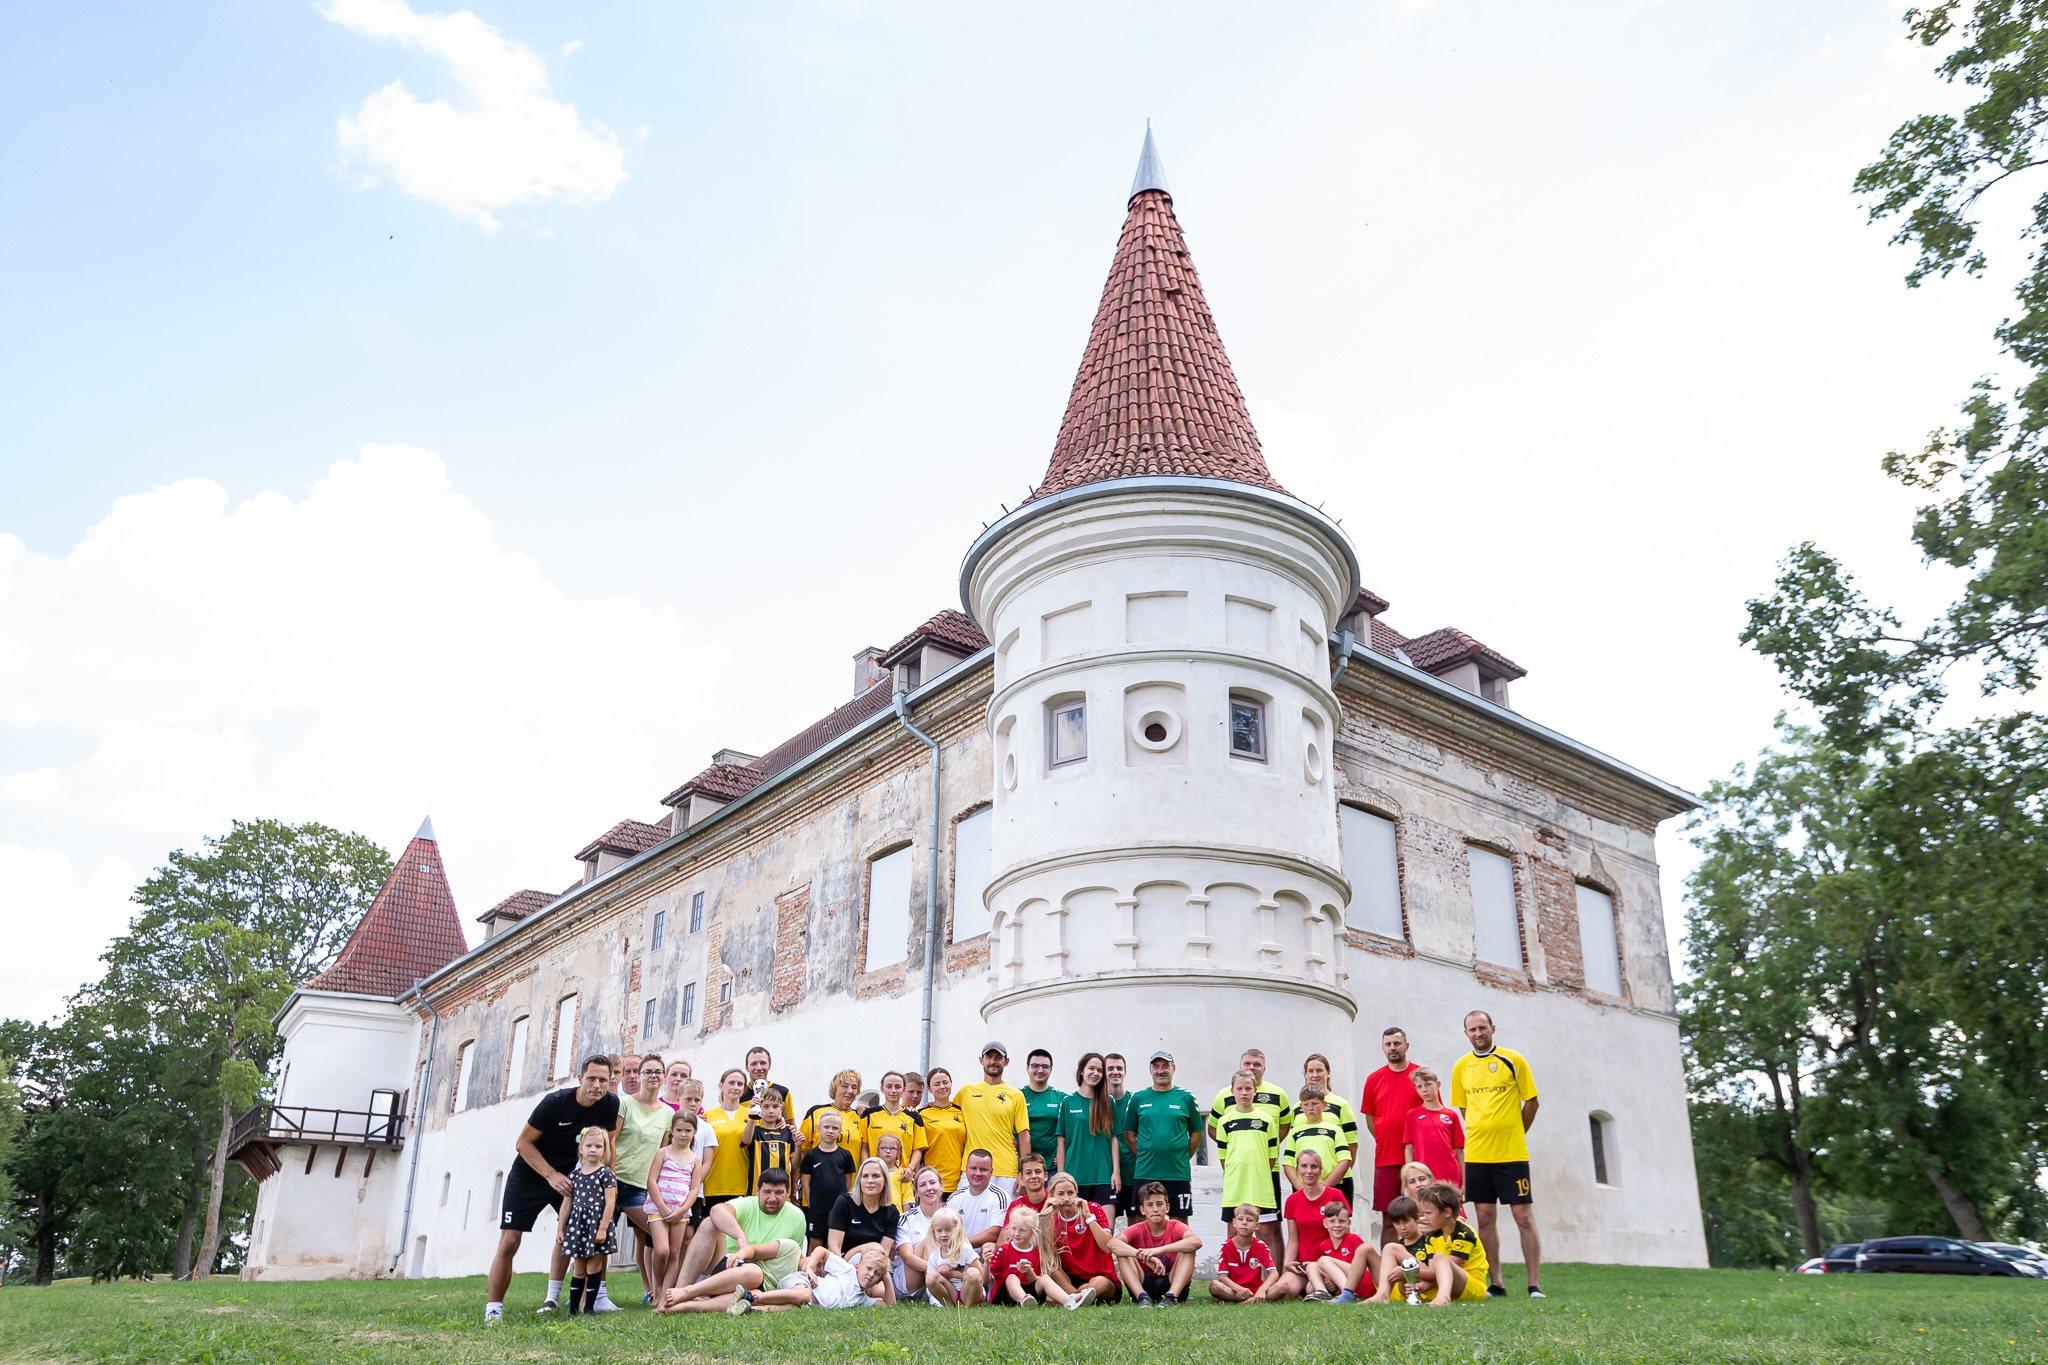 Futbolas žaidžiamas Lietuvos istorinėse vietose III